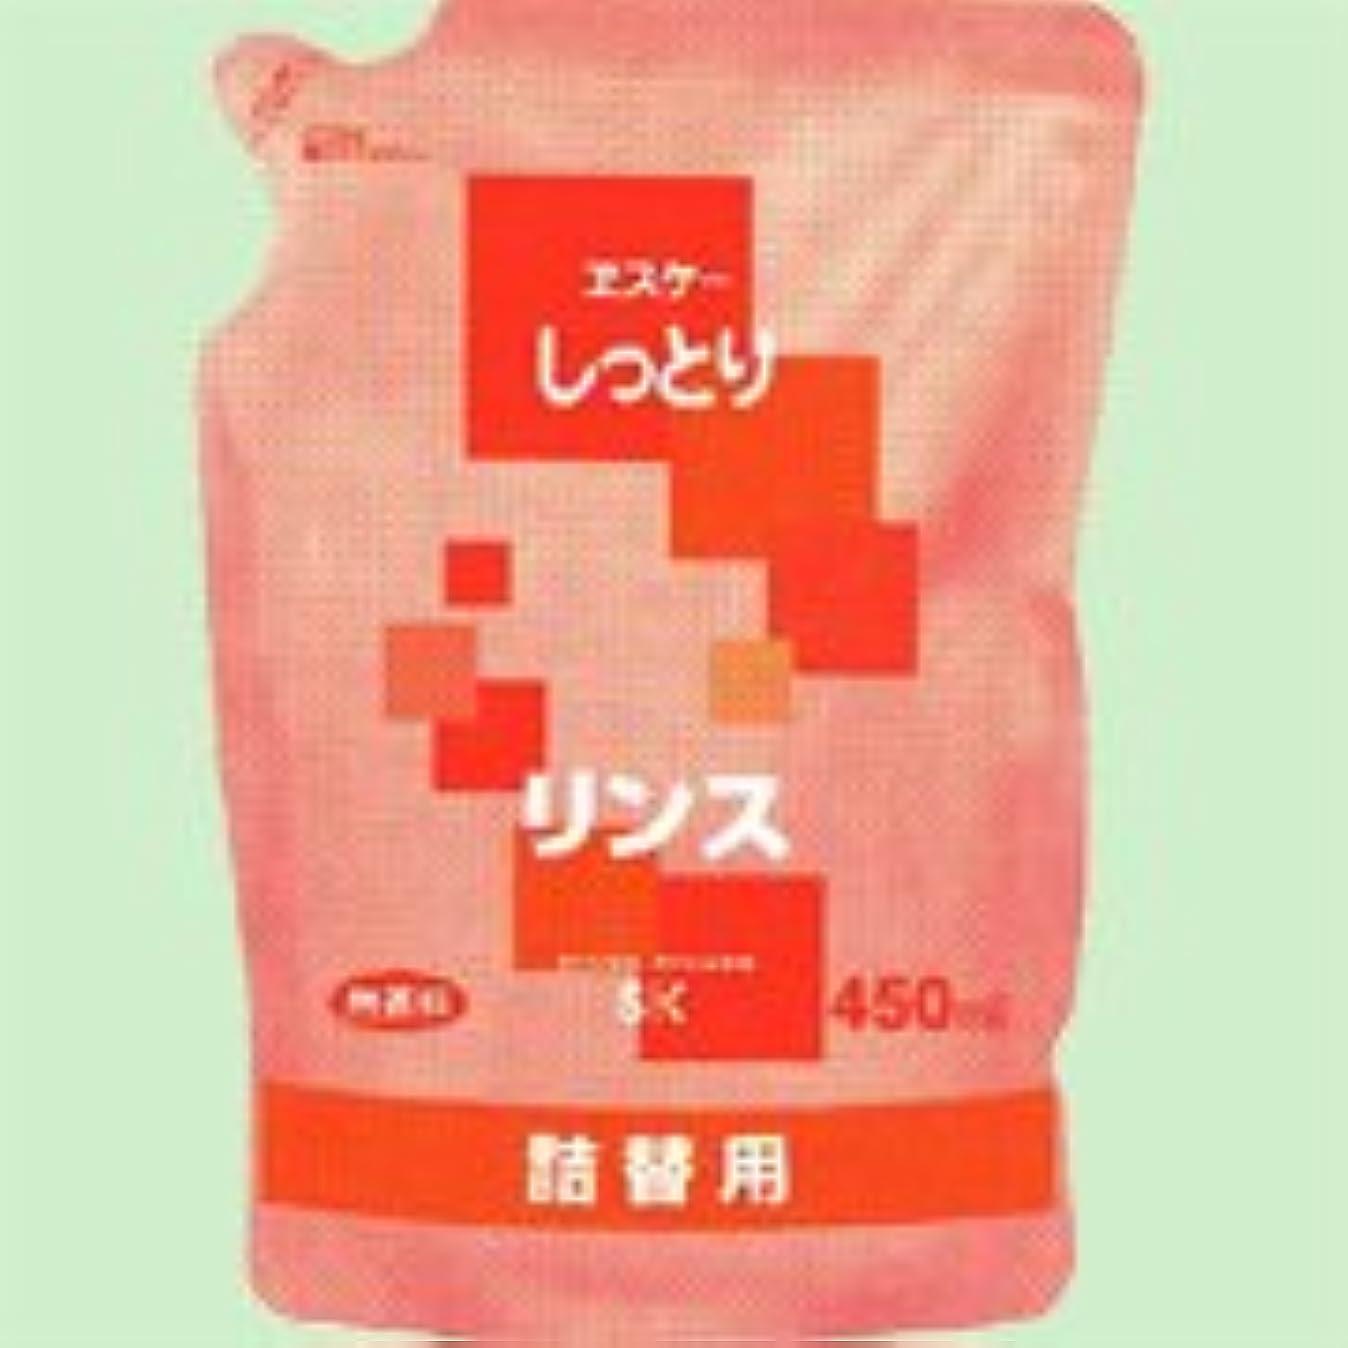 ネット呼吸共感するしっとりリンス 詰替用 450ml    ヱスケー石鹸